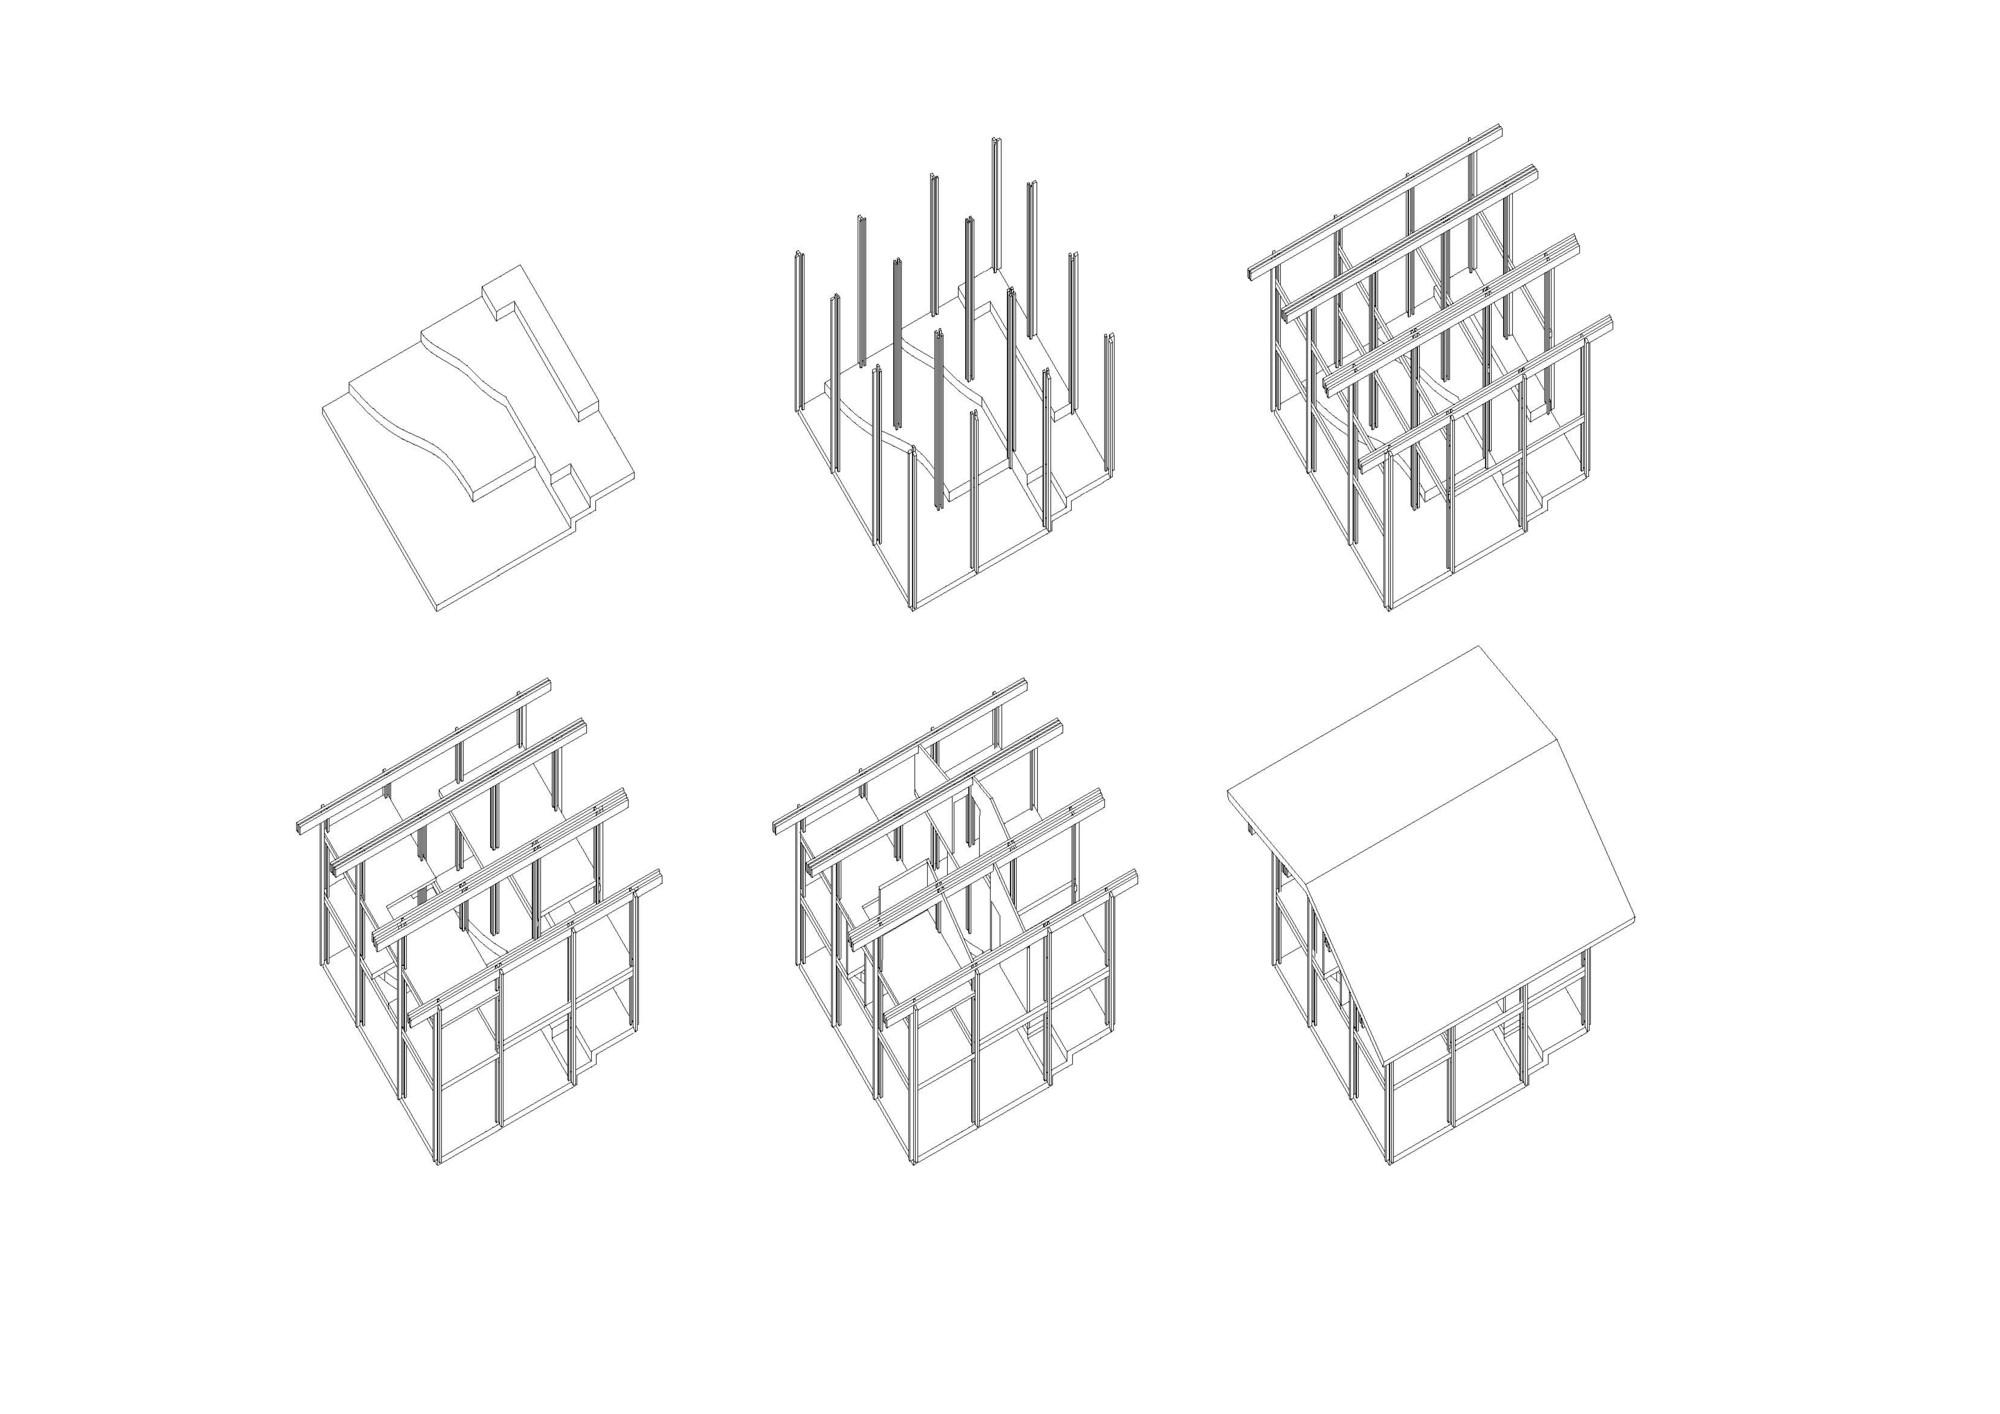 Axonométrica Estructura